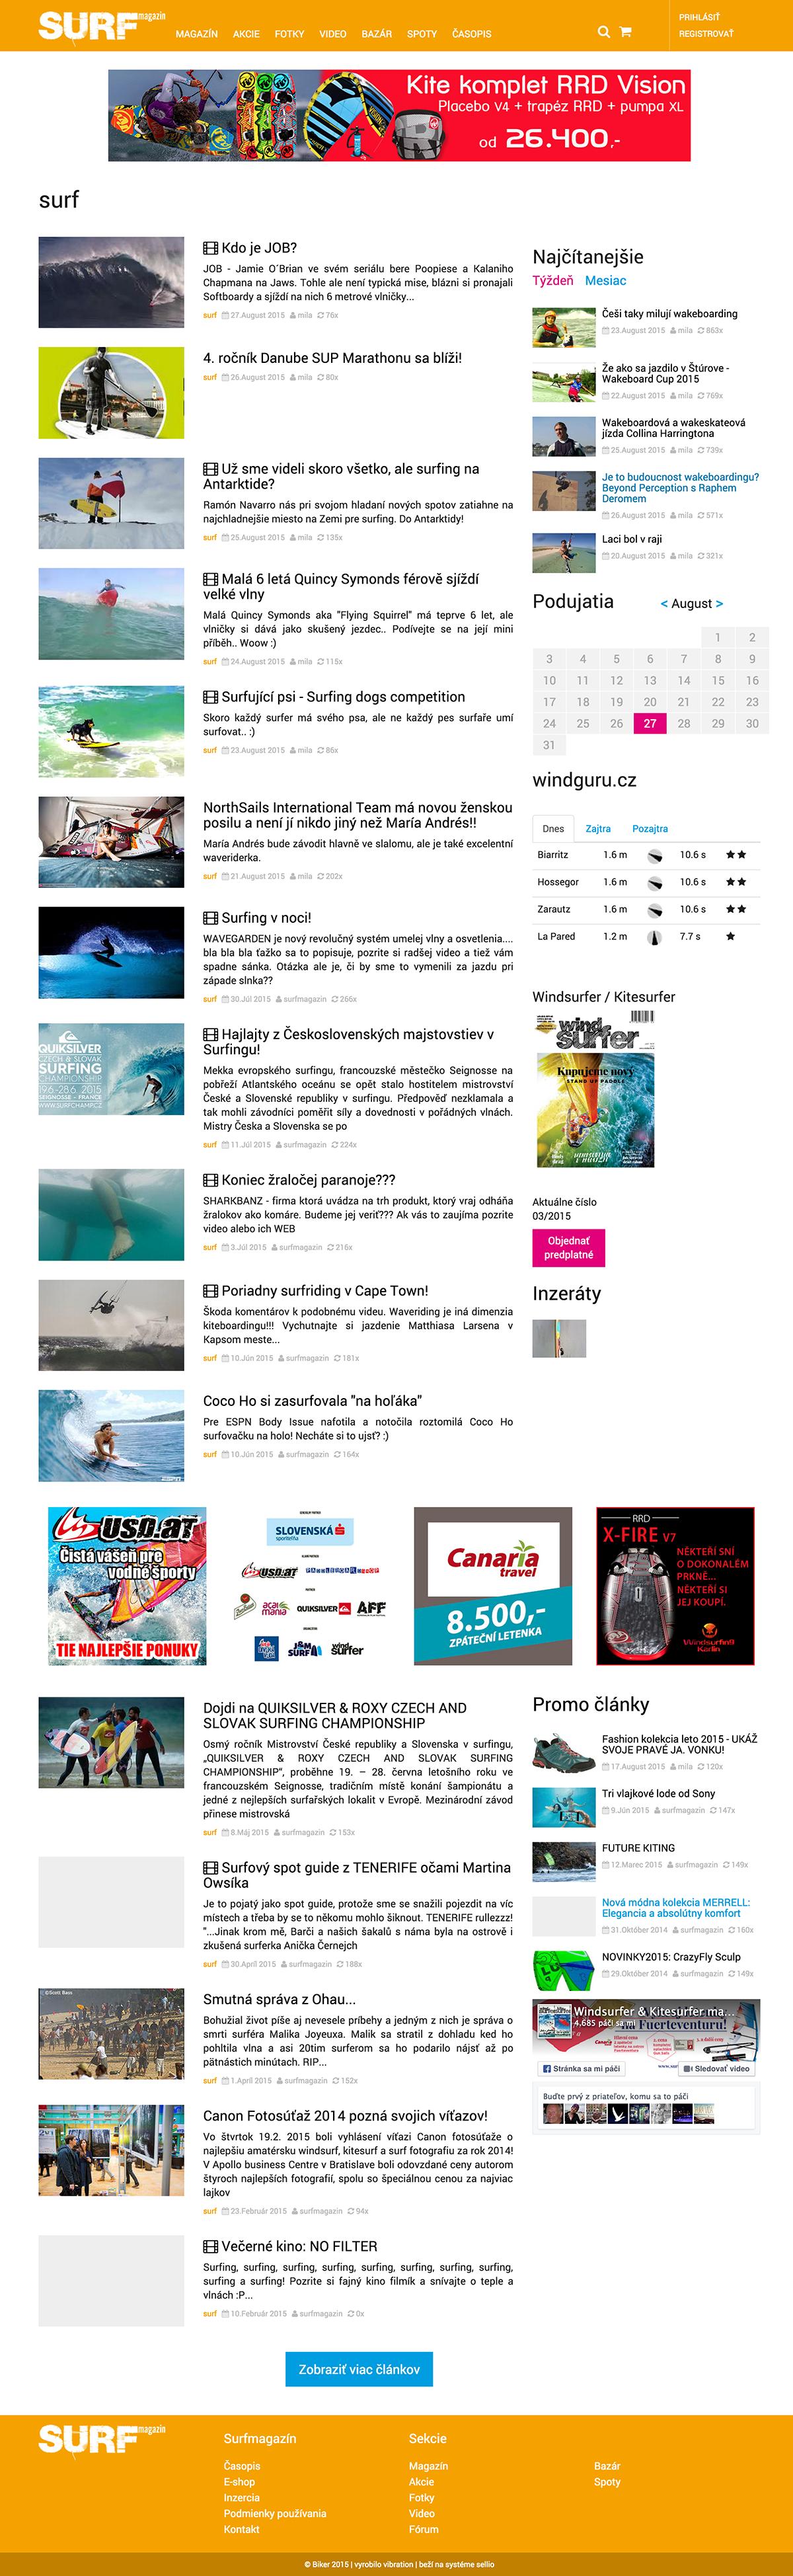 surf surfmagazin